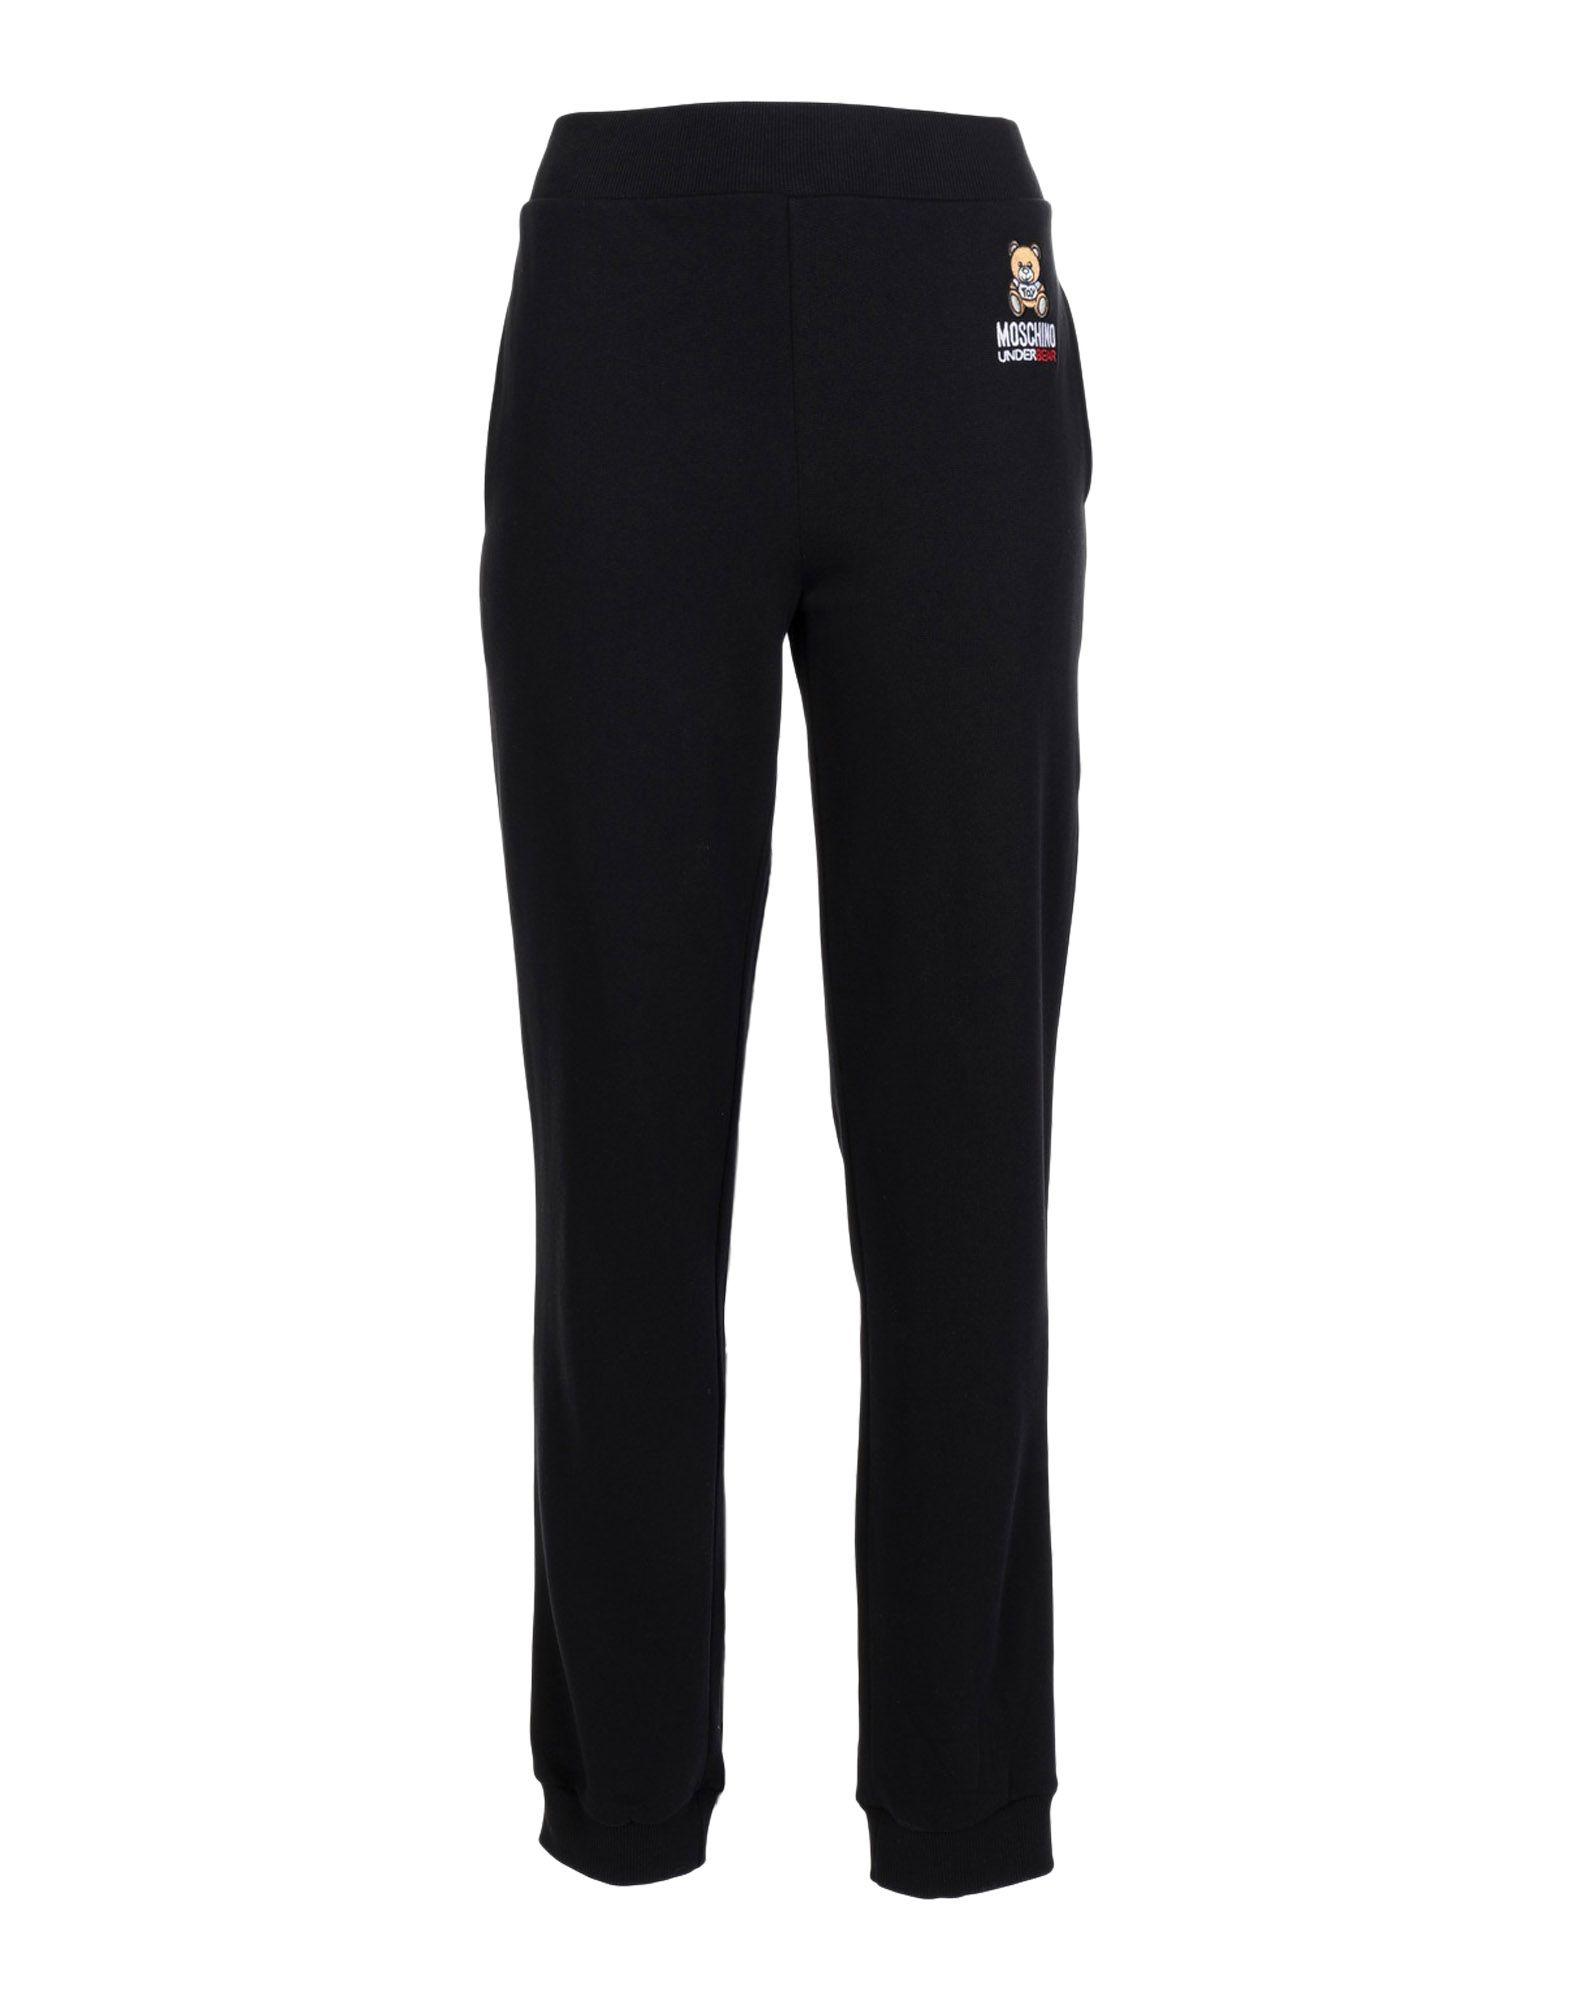 《送料無料》MOSCHINO レディース パジャマ ブラック XS コットン 100%